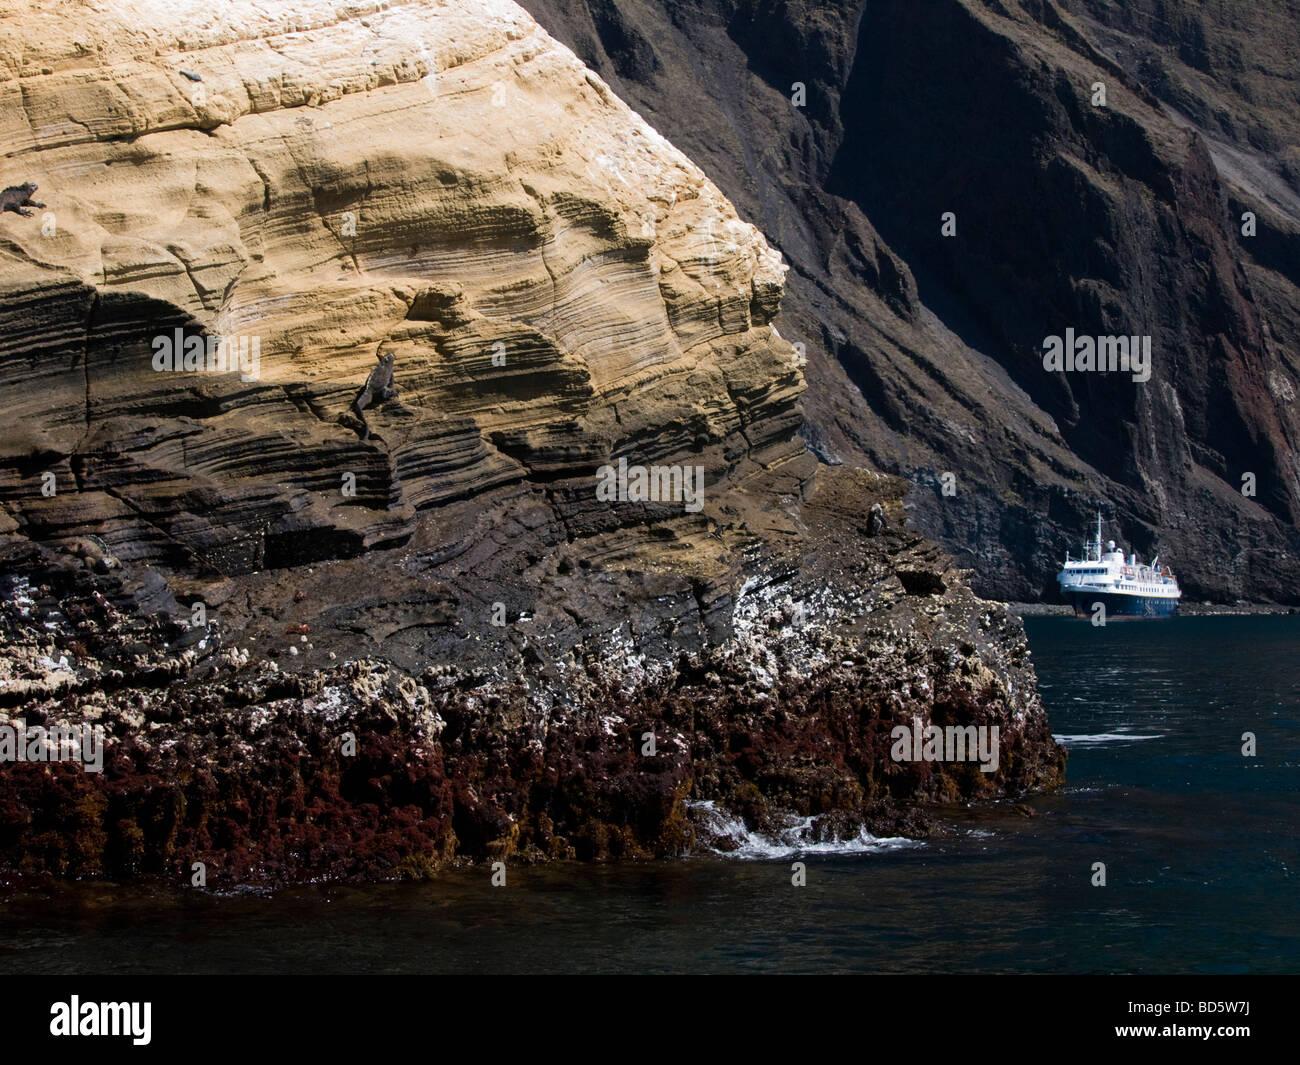 the Polaris Moored at Punta Vicente Roca Galapagos Islands - Stock Image